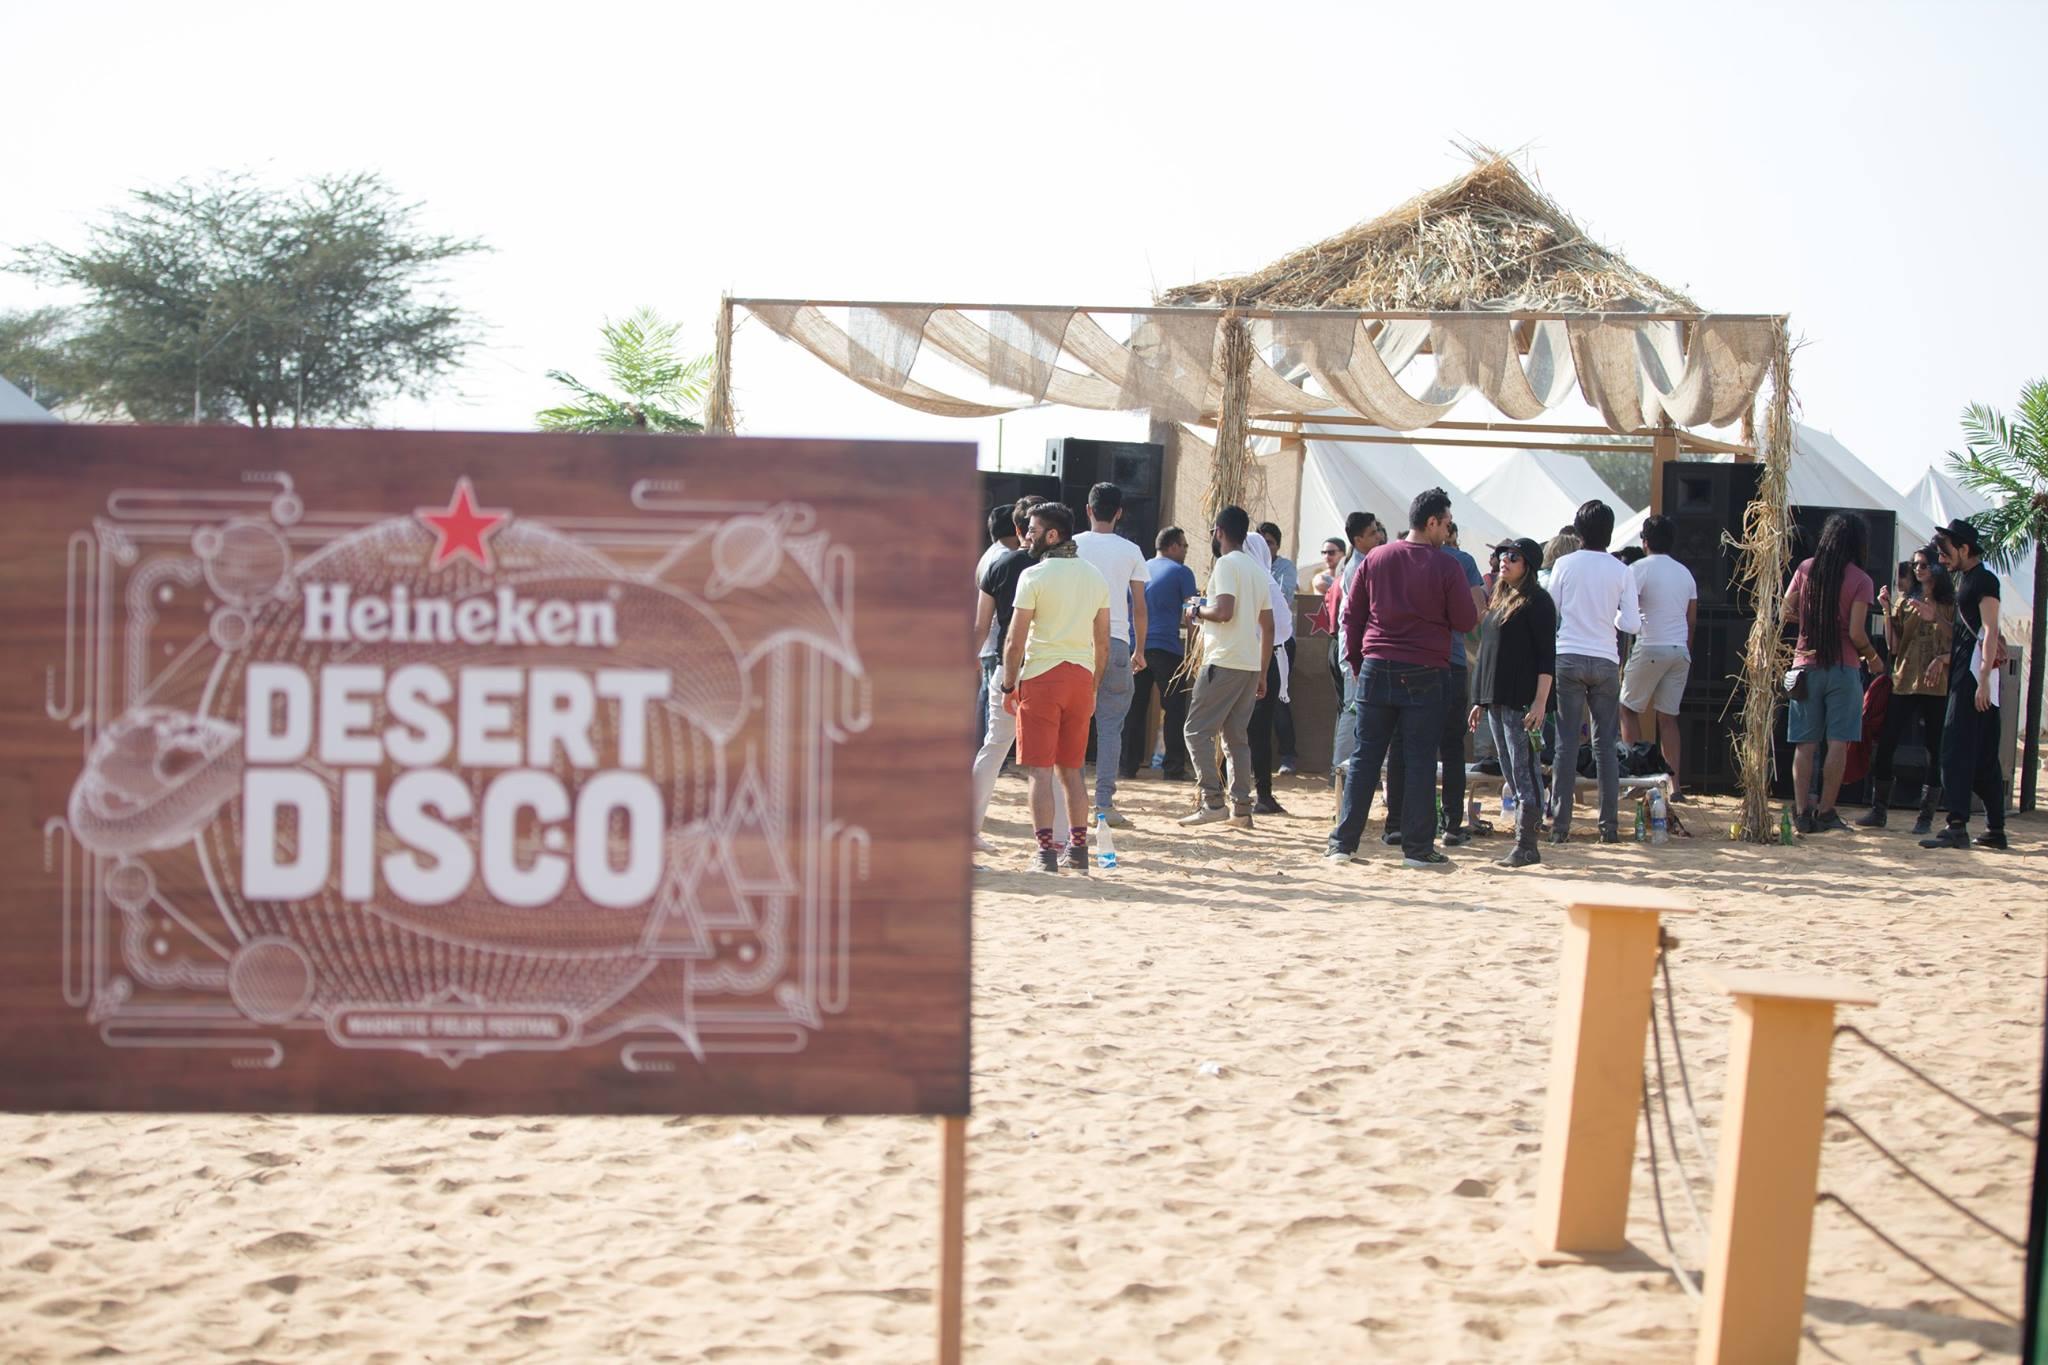 Heineken Disco at Noon